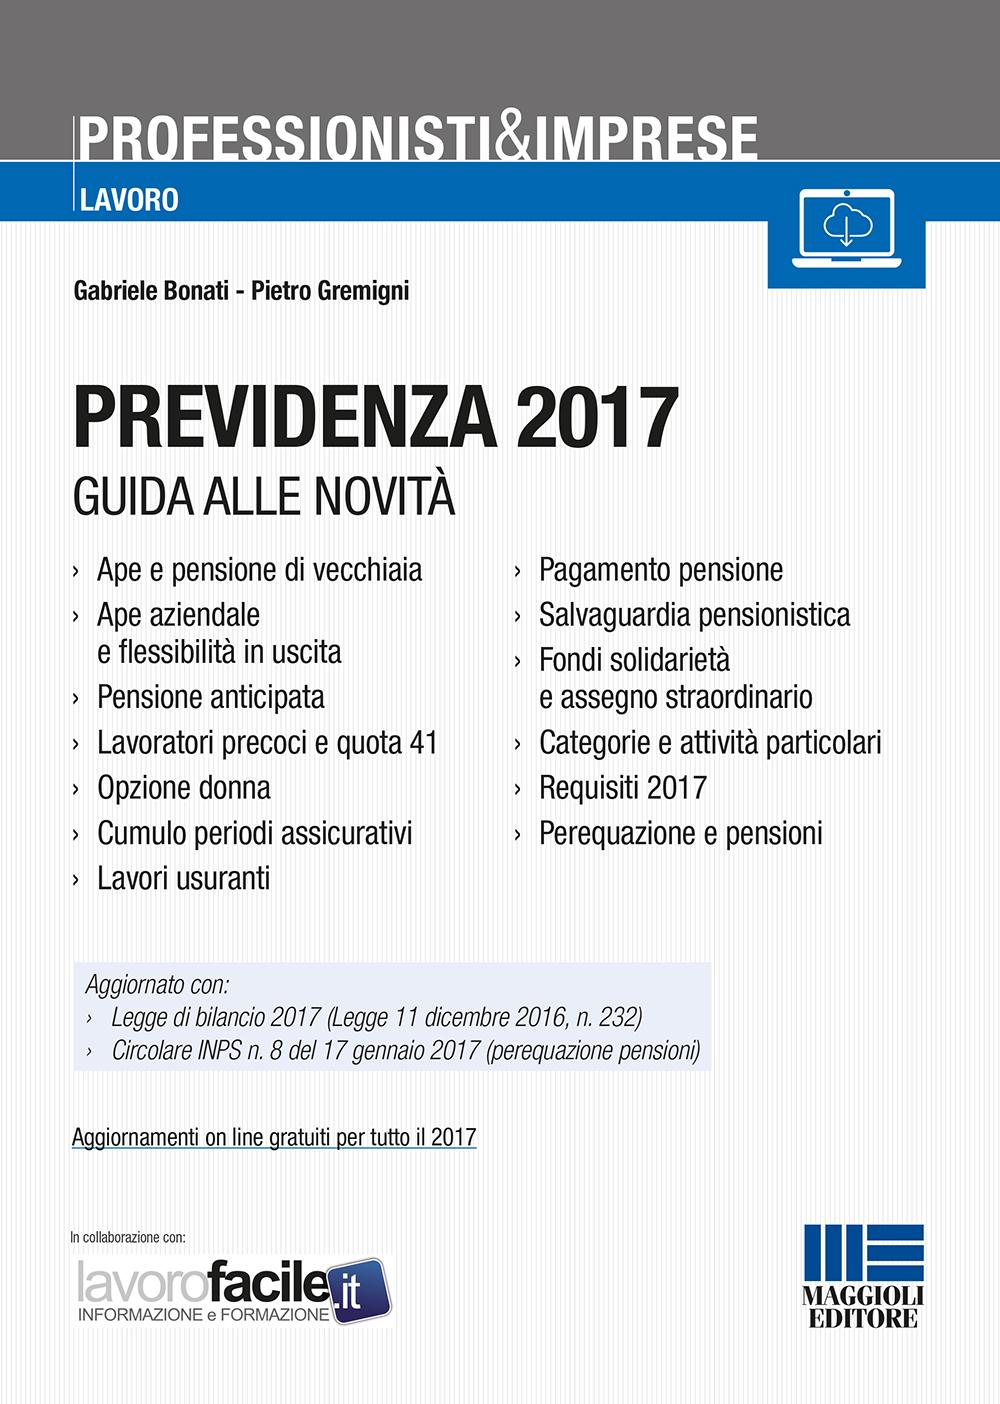 Previdenza 2017